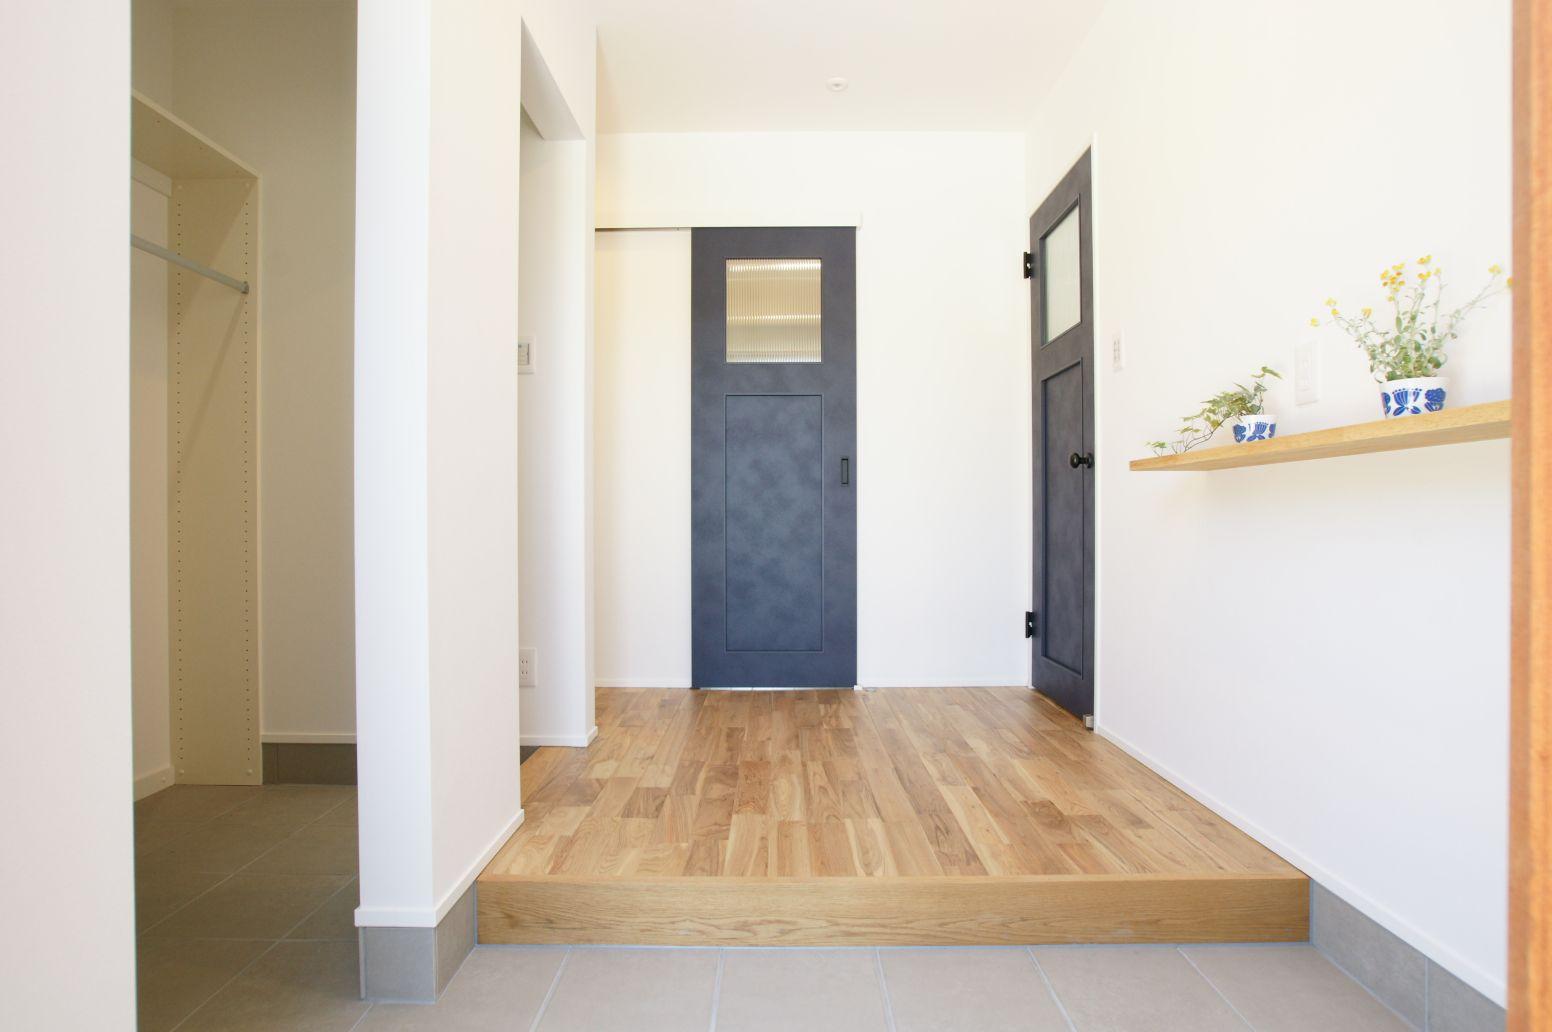 RIKYU (リキュー)【デザイン住宅、間取り、インテリア】ネイビーの建具とアーチ型の造作が印象的な玄関ホール。